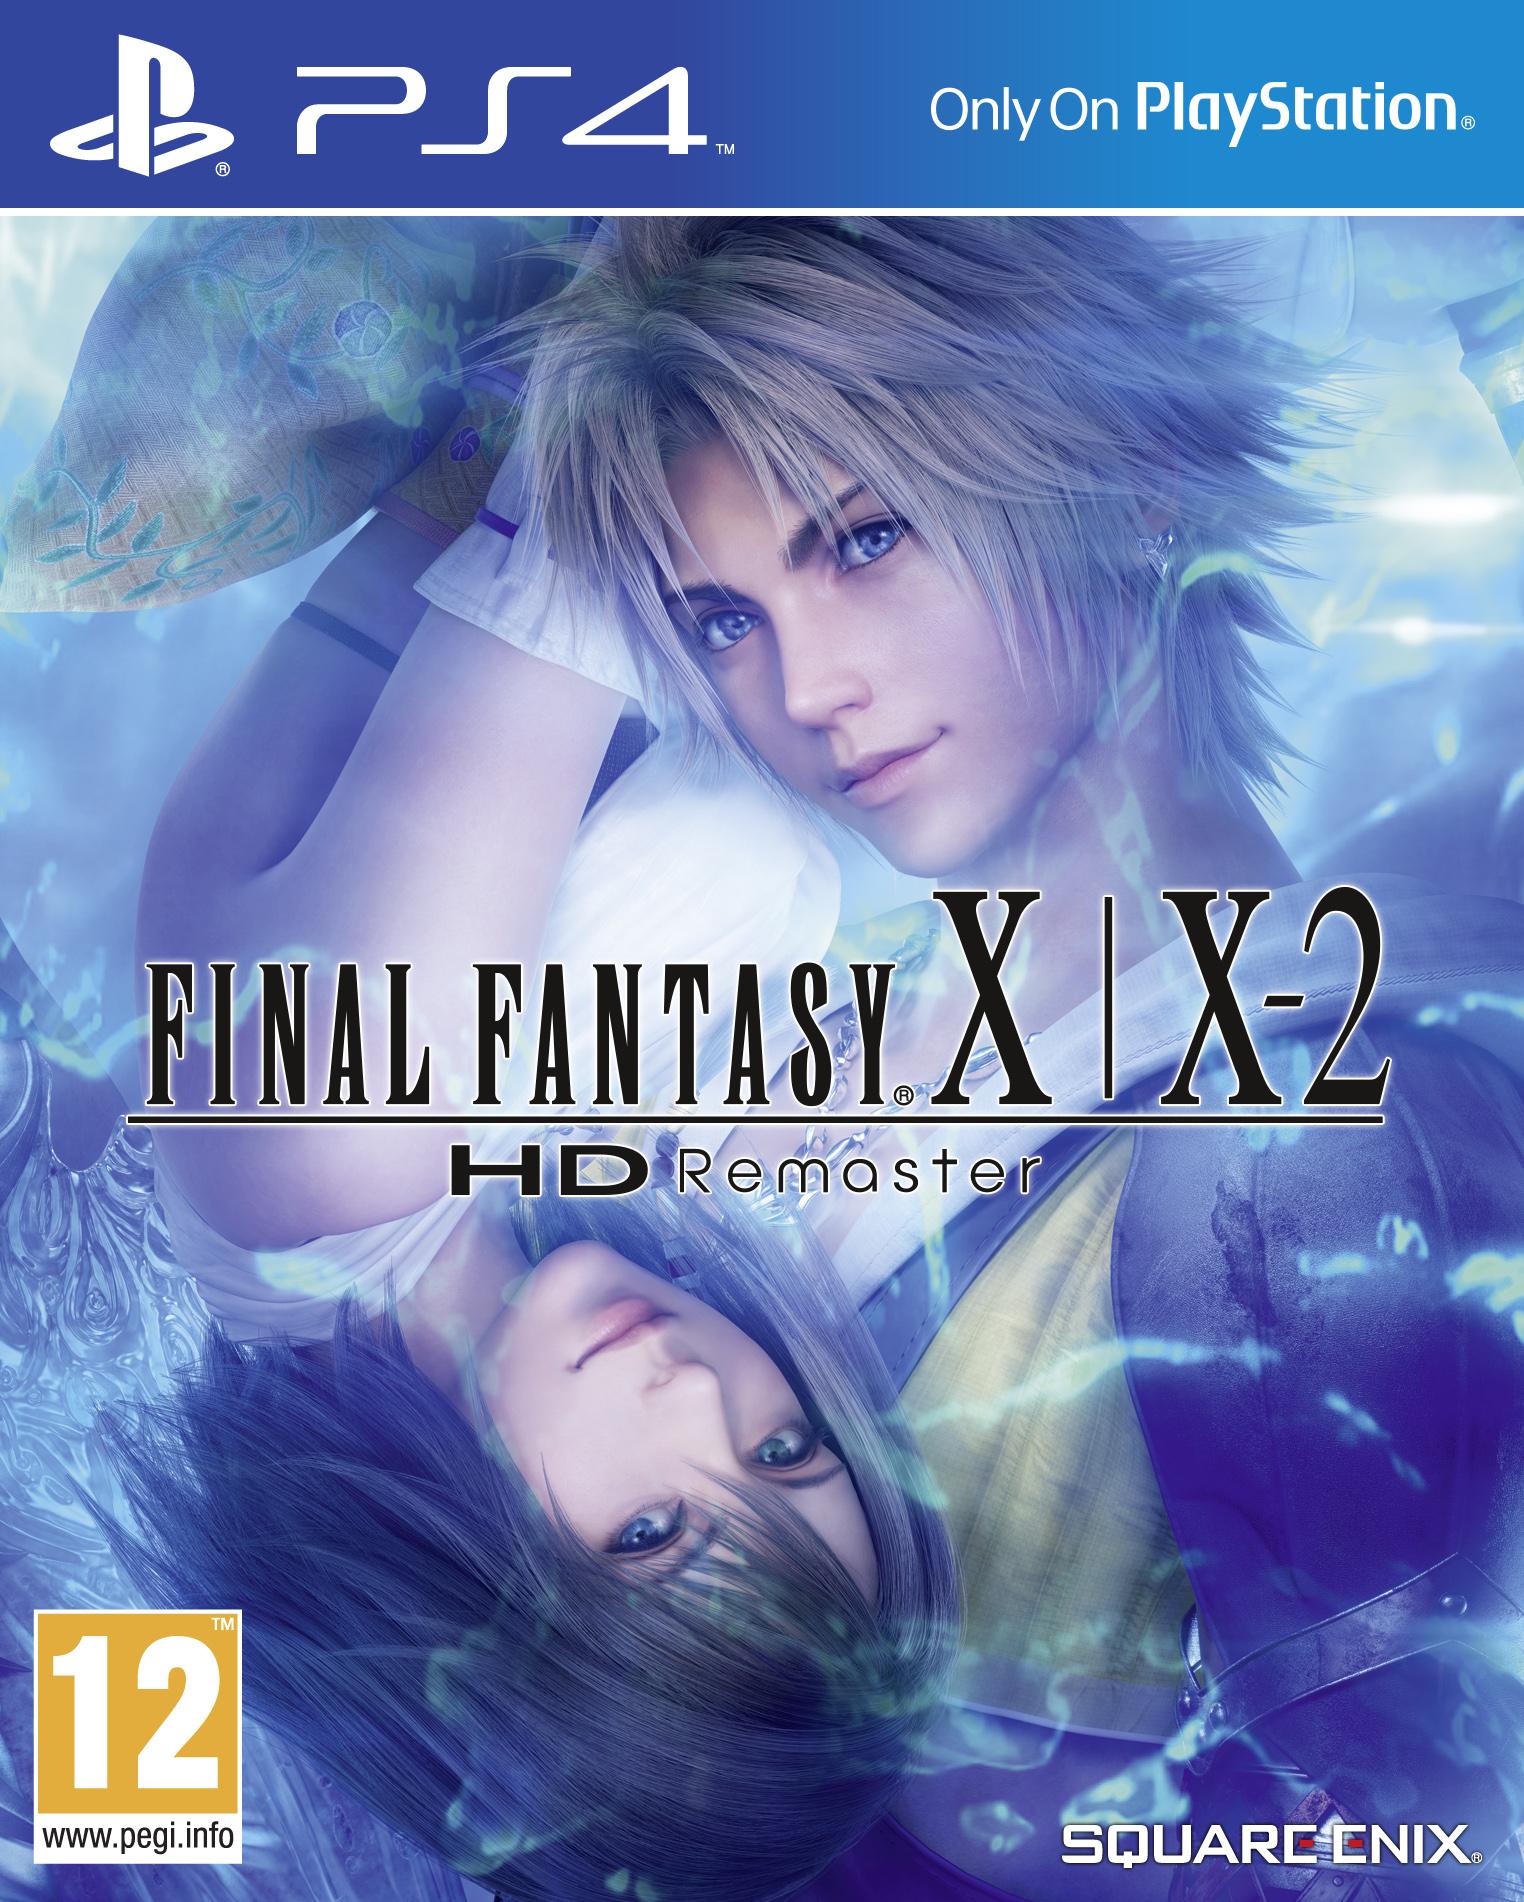 FFX_X-2_PS4_PFT_PEGI_1418295045